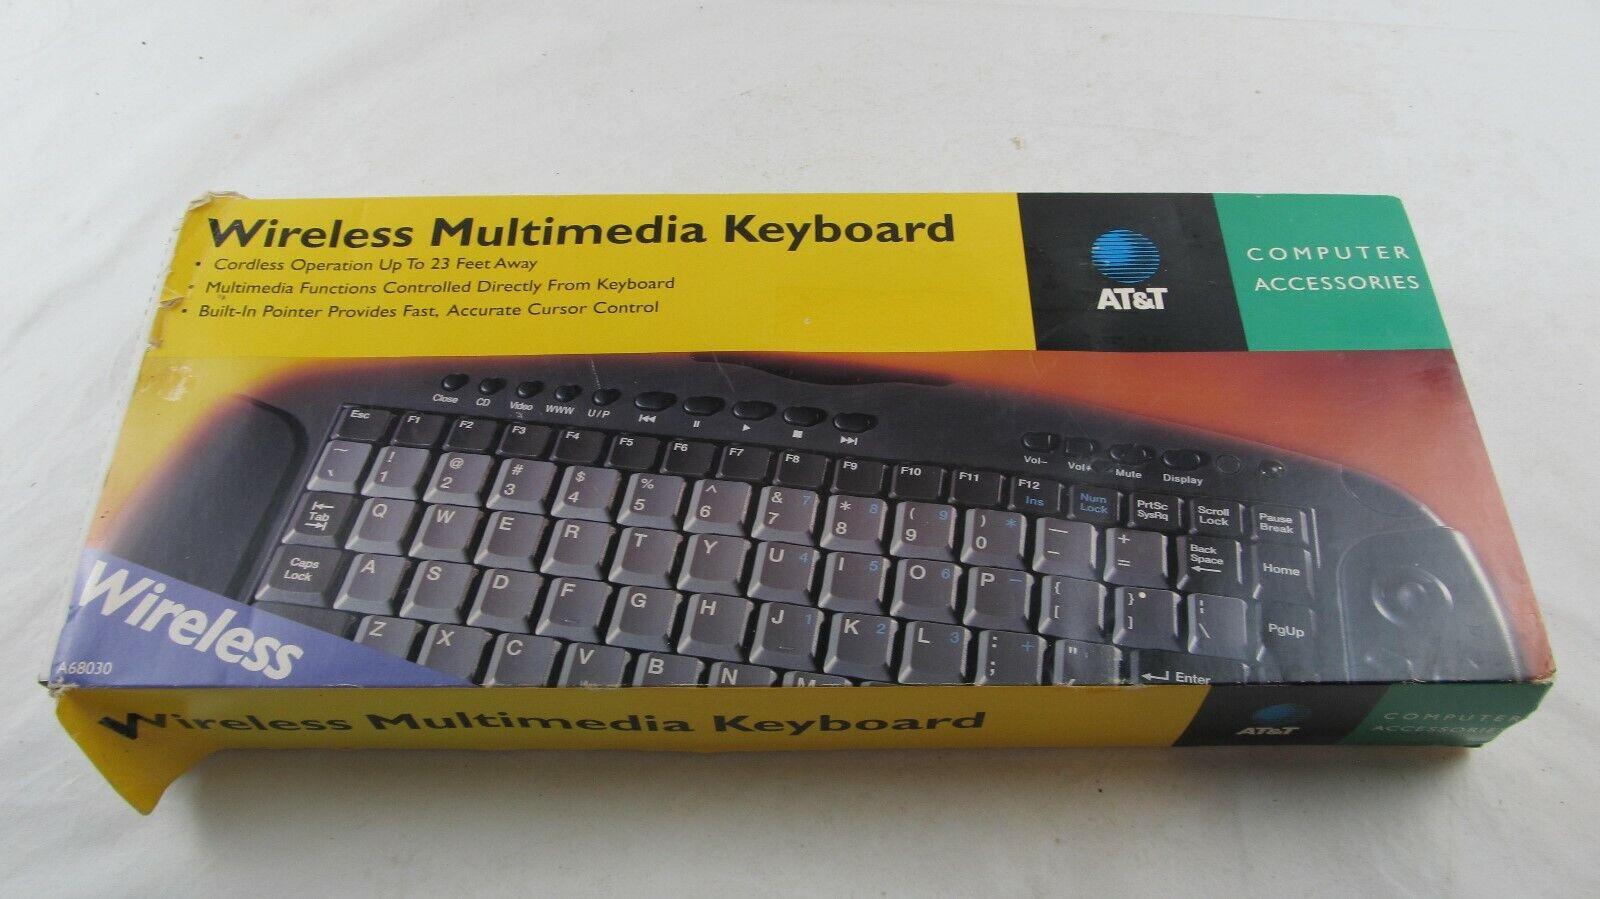 ATT Wireless Multimedia Keyboard A68030 1998 In original box. Buy it now for 69.61